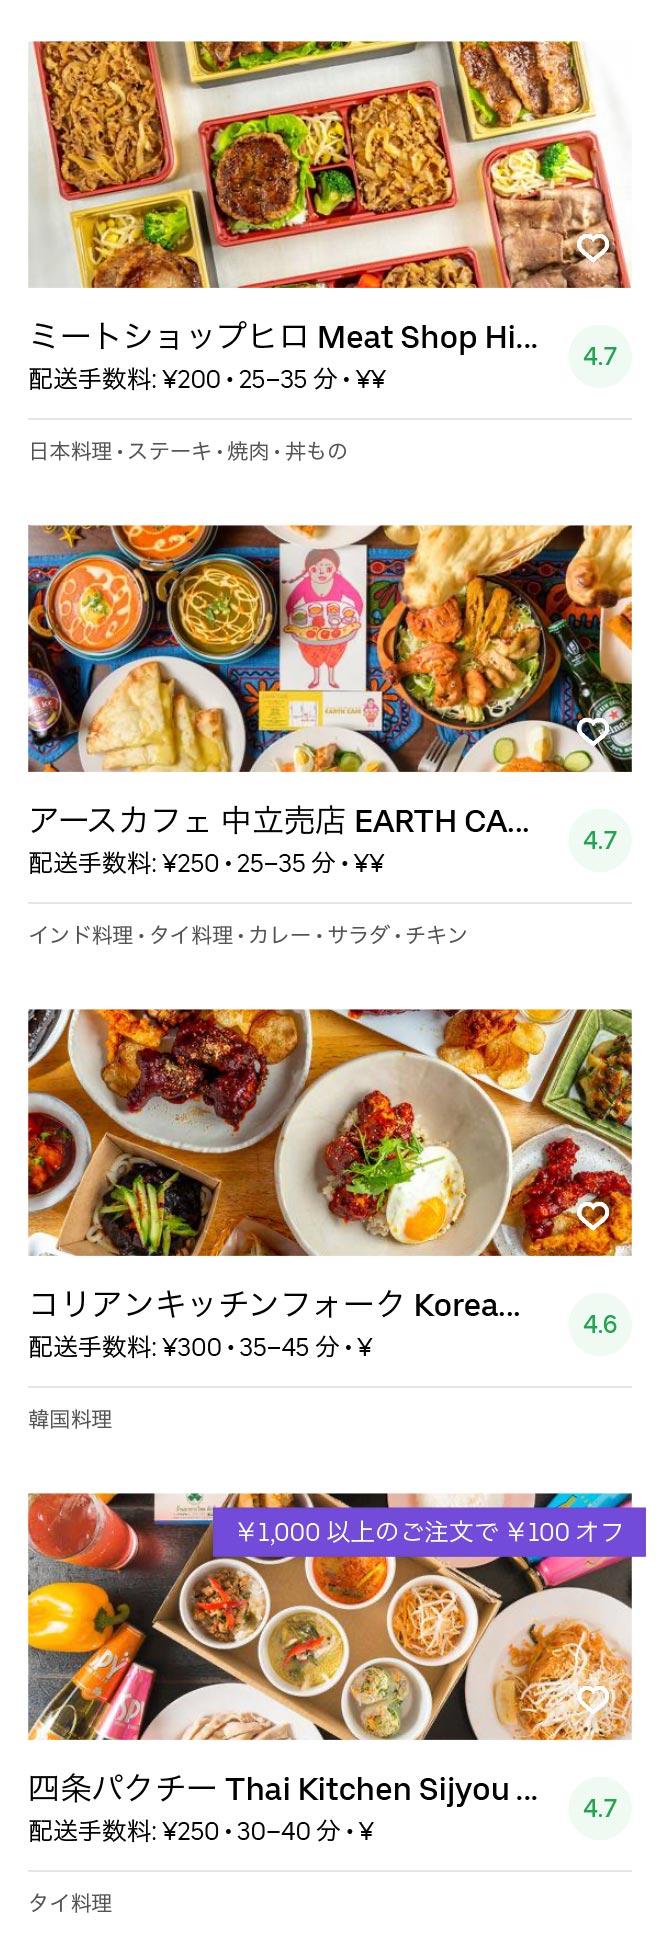 Kyoto hanazono menu 2005 05